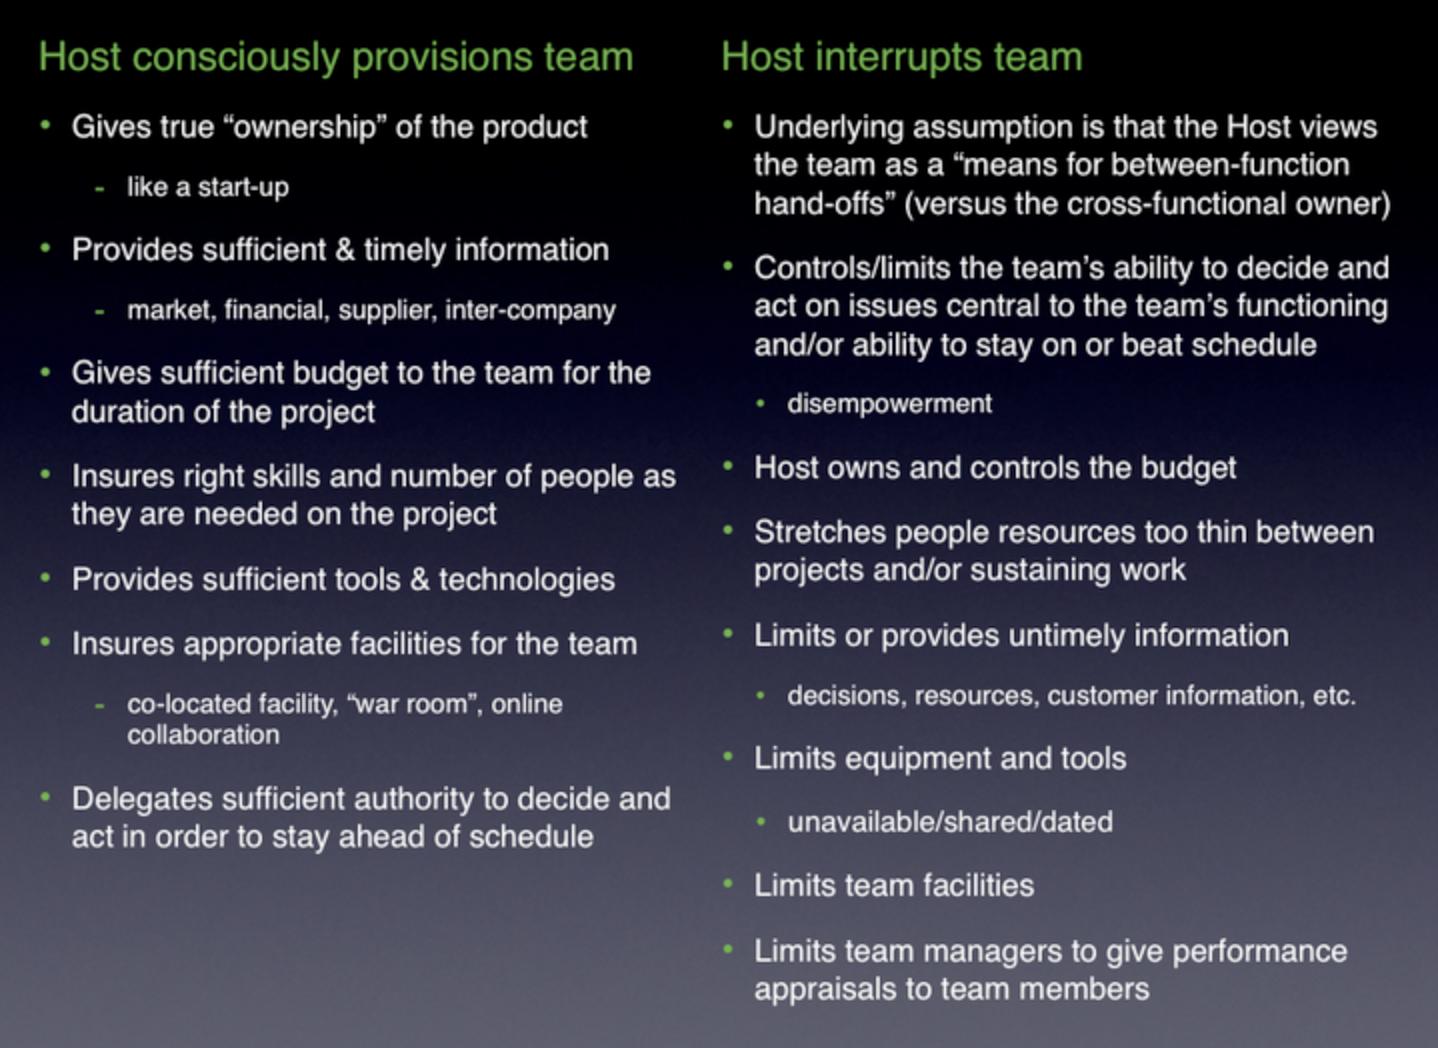 provisioning host versus interrupting host